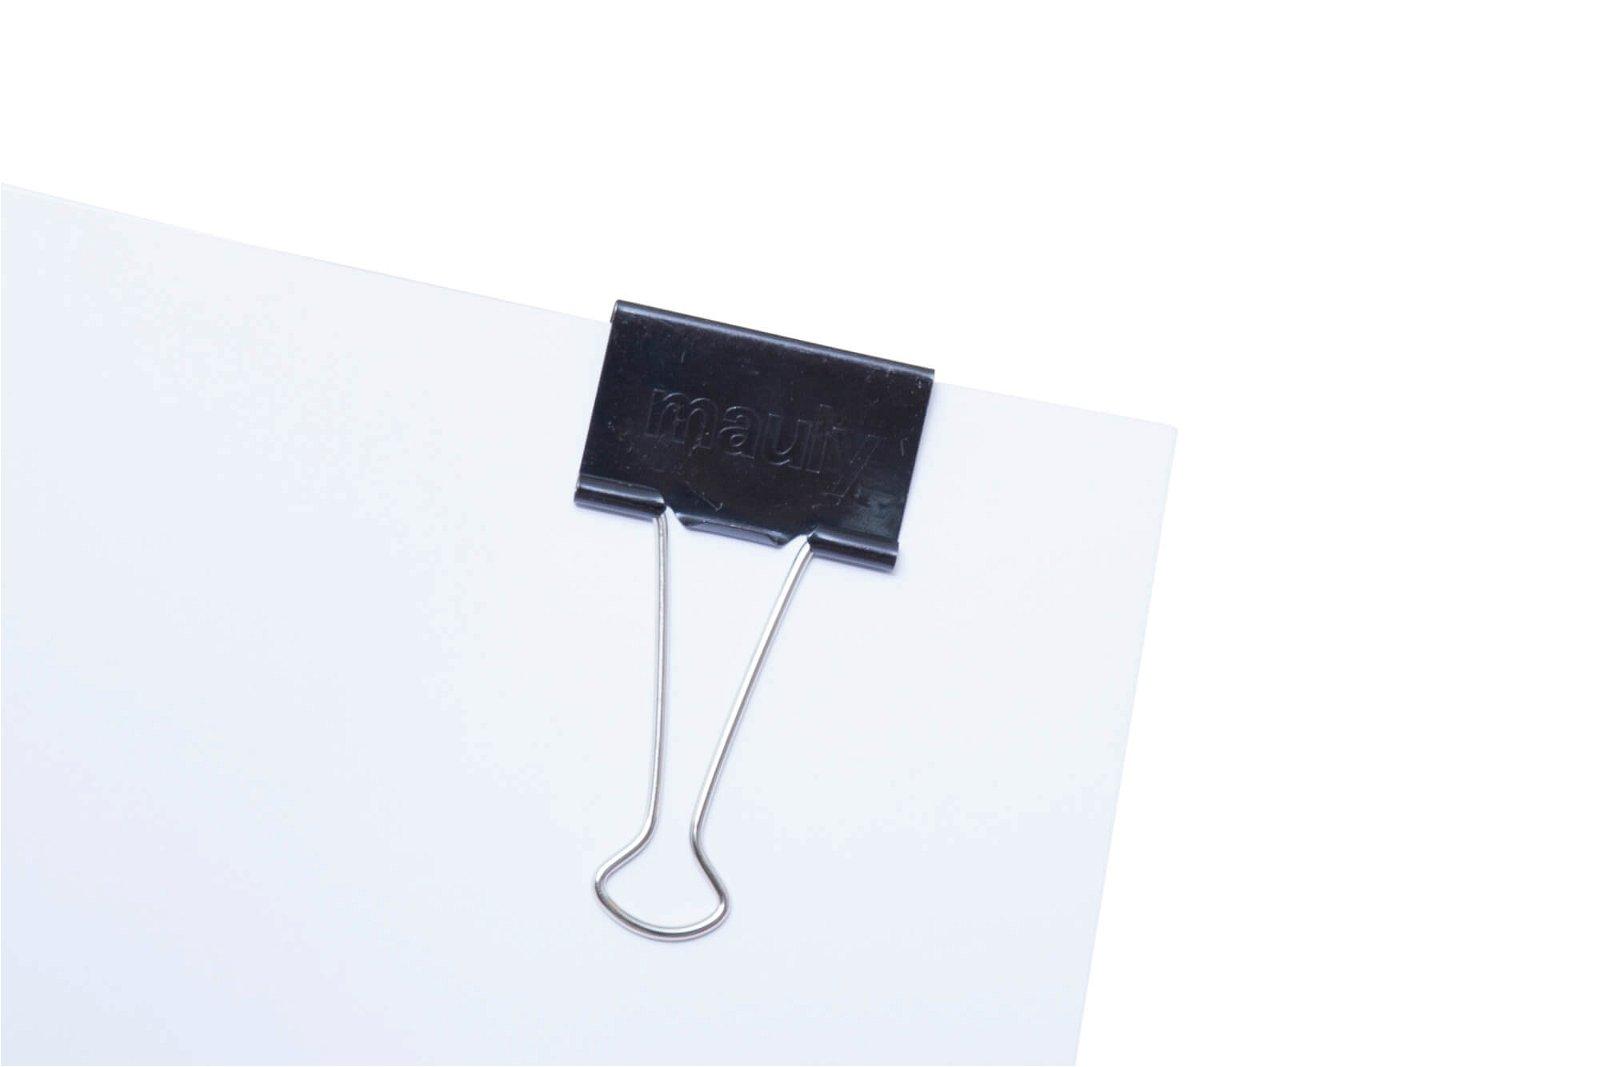 mauly 214, Breite 51 mm, 12 St./Ktn., schwarz